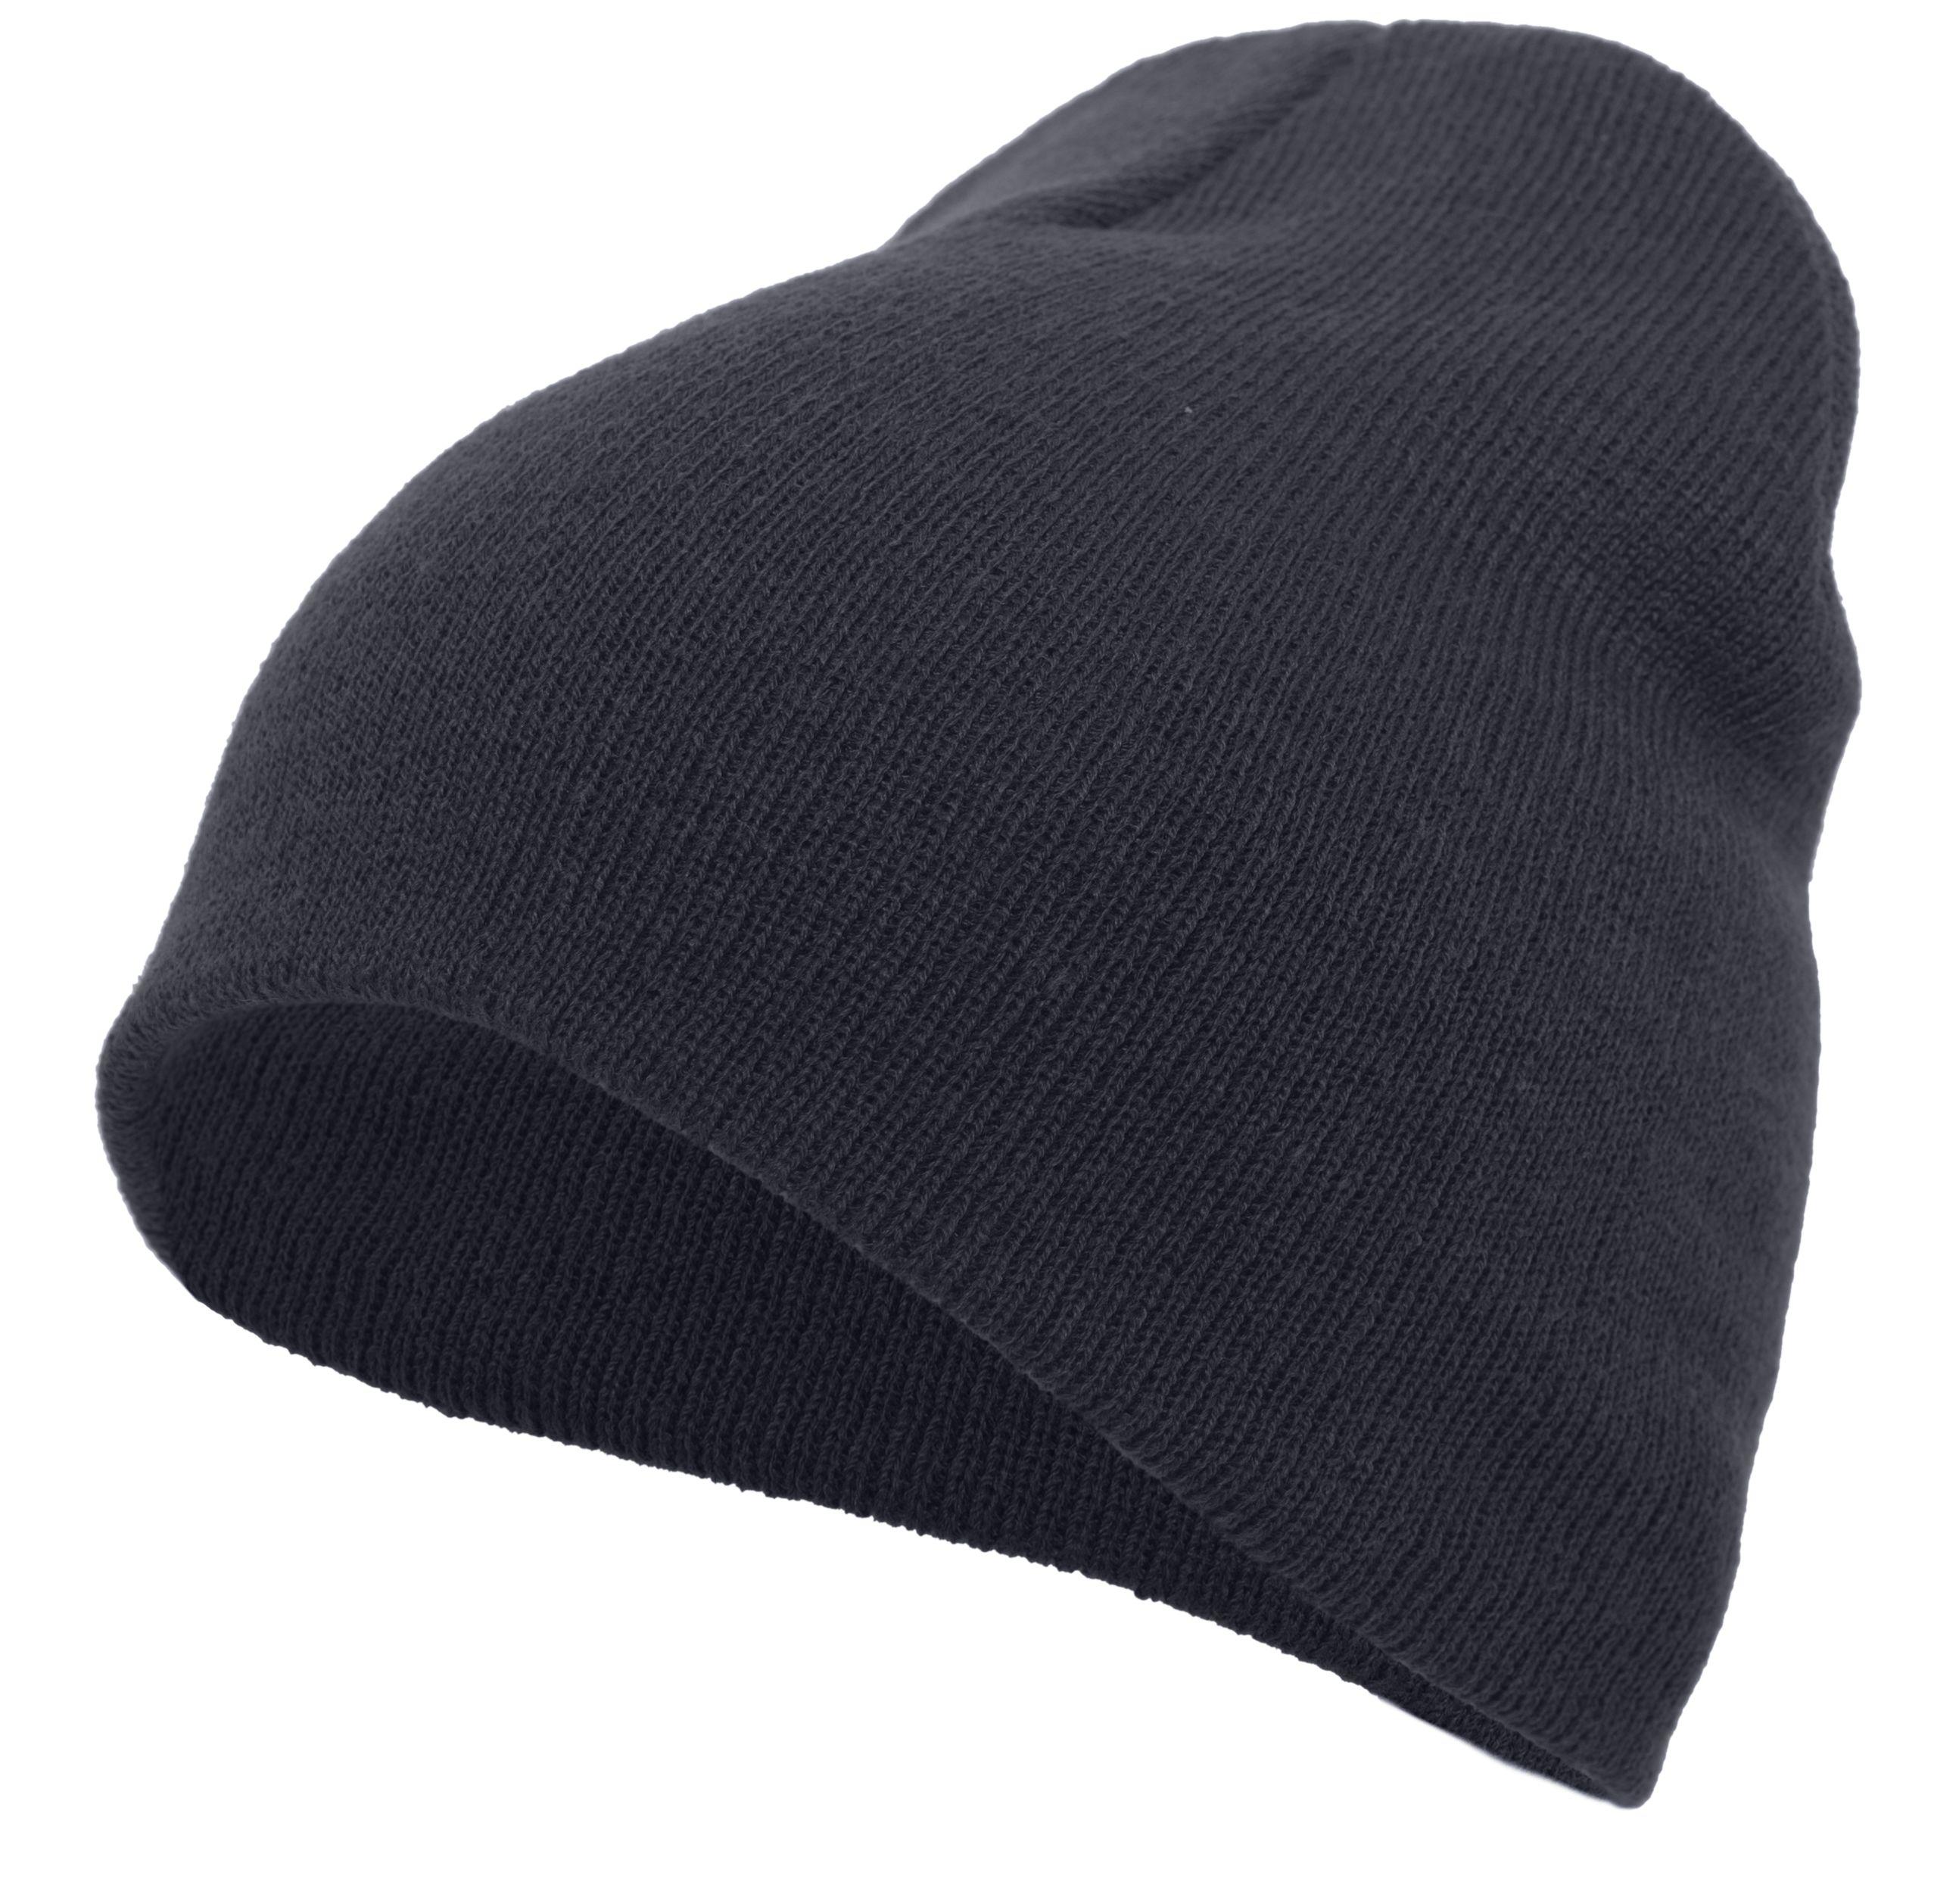 Basic Knit Beanie - NAVY